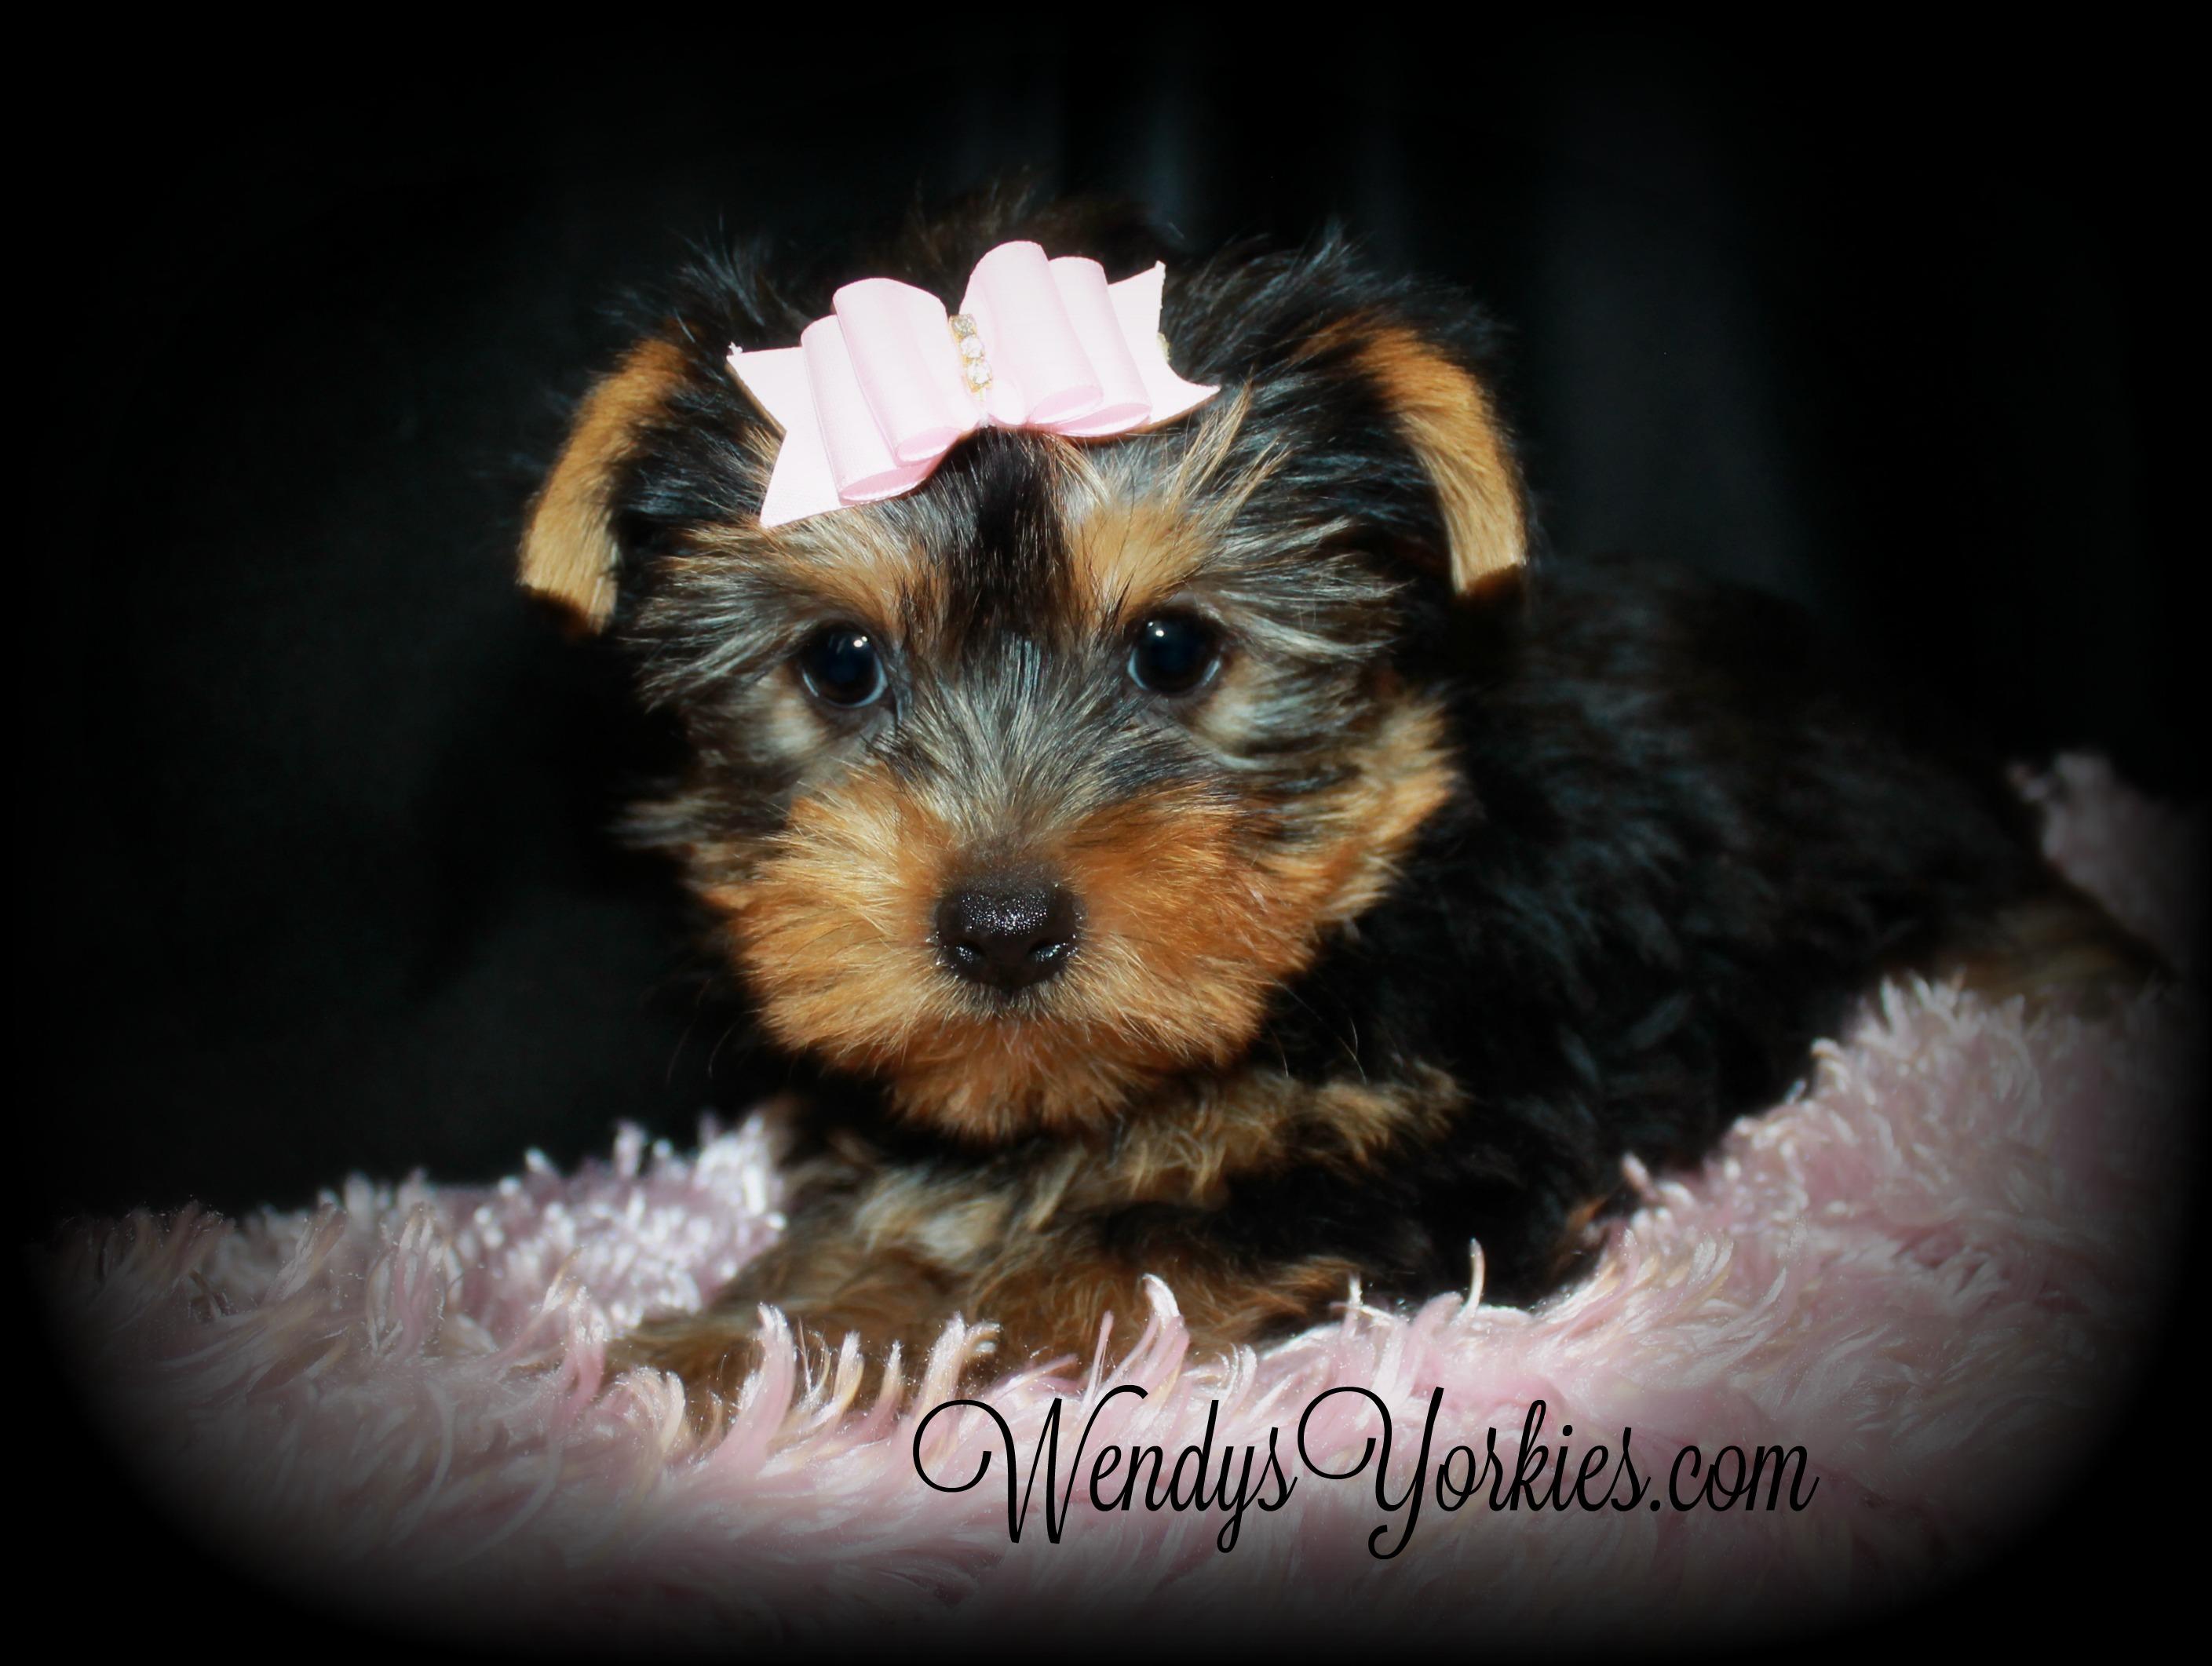 Teacup Yorkie puppy for sale in TExas, WendysYorkies.com, Chloe f1